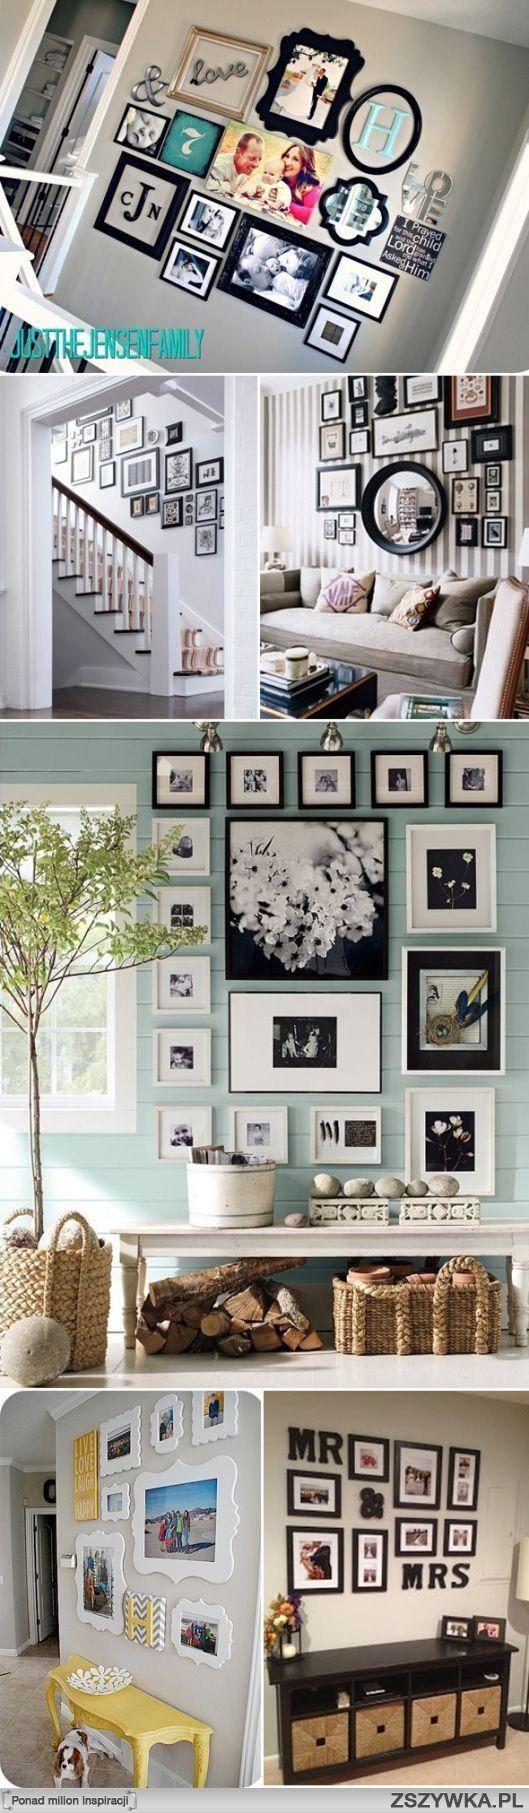 Die besten bilder zu apartment decorating auf pinterest foto